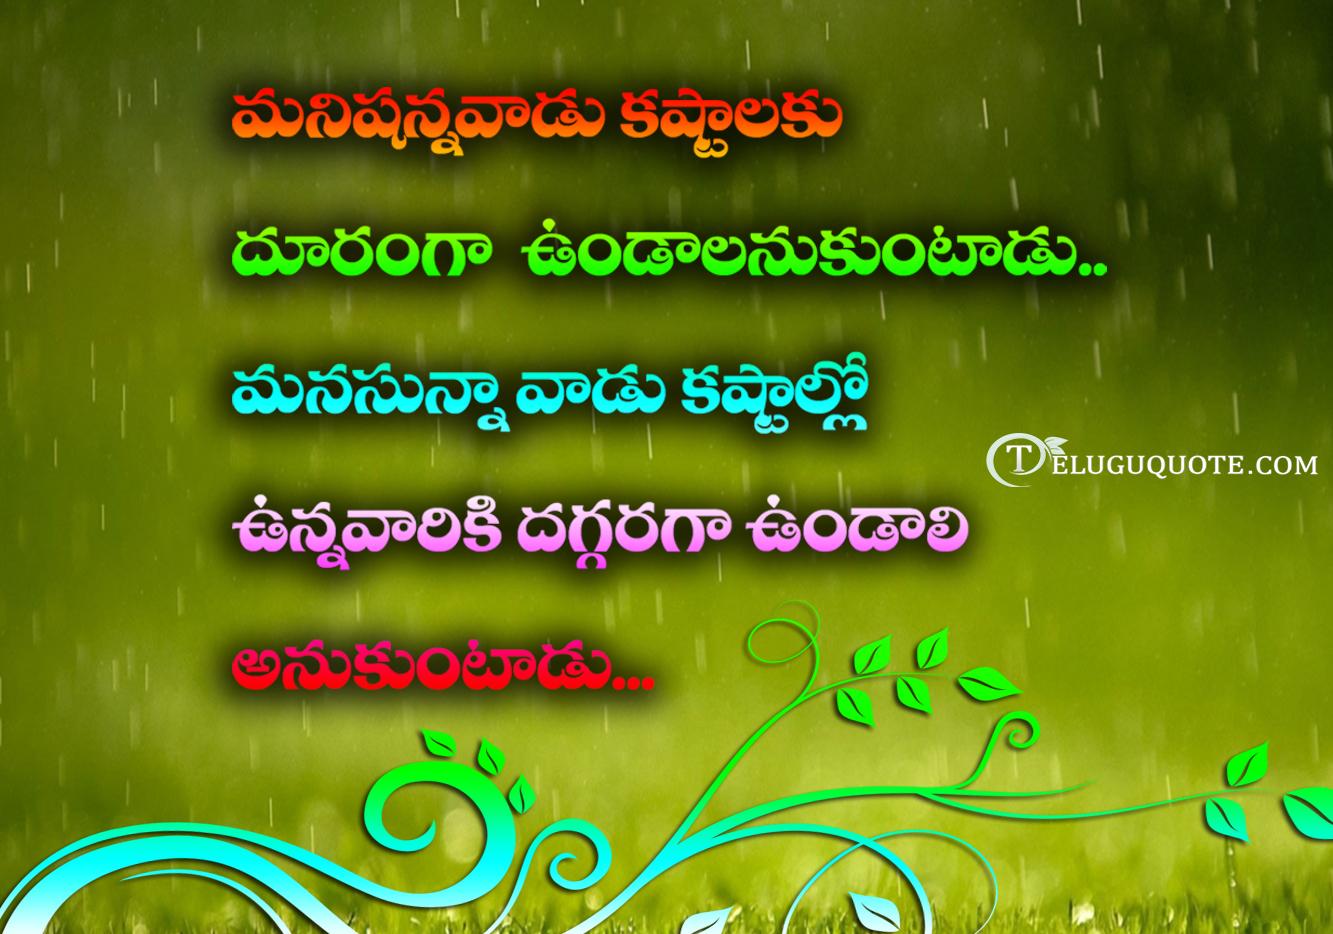 Telugu Love Quotes Images Free Download Telugu Quotes